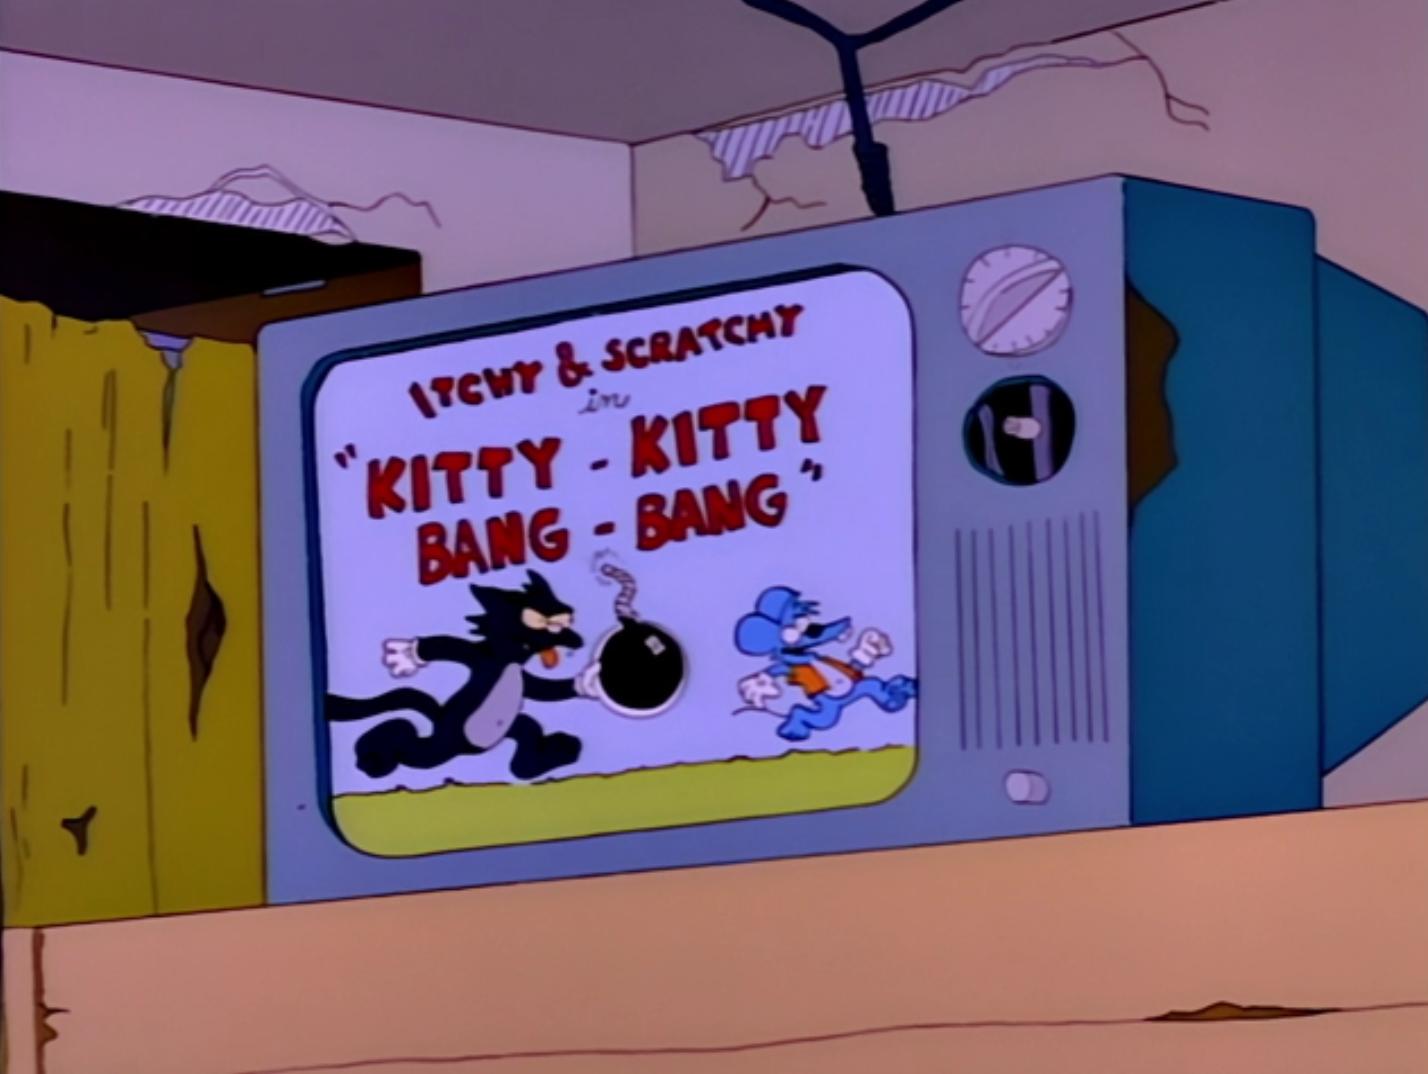 Kitty-Kitty Bang-Bang.png